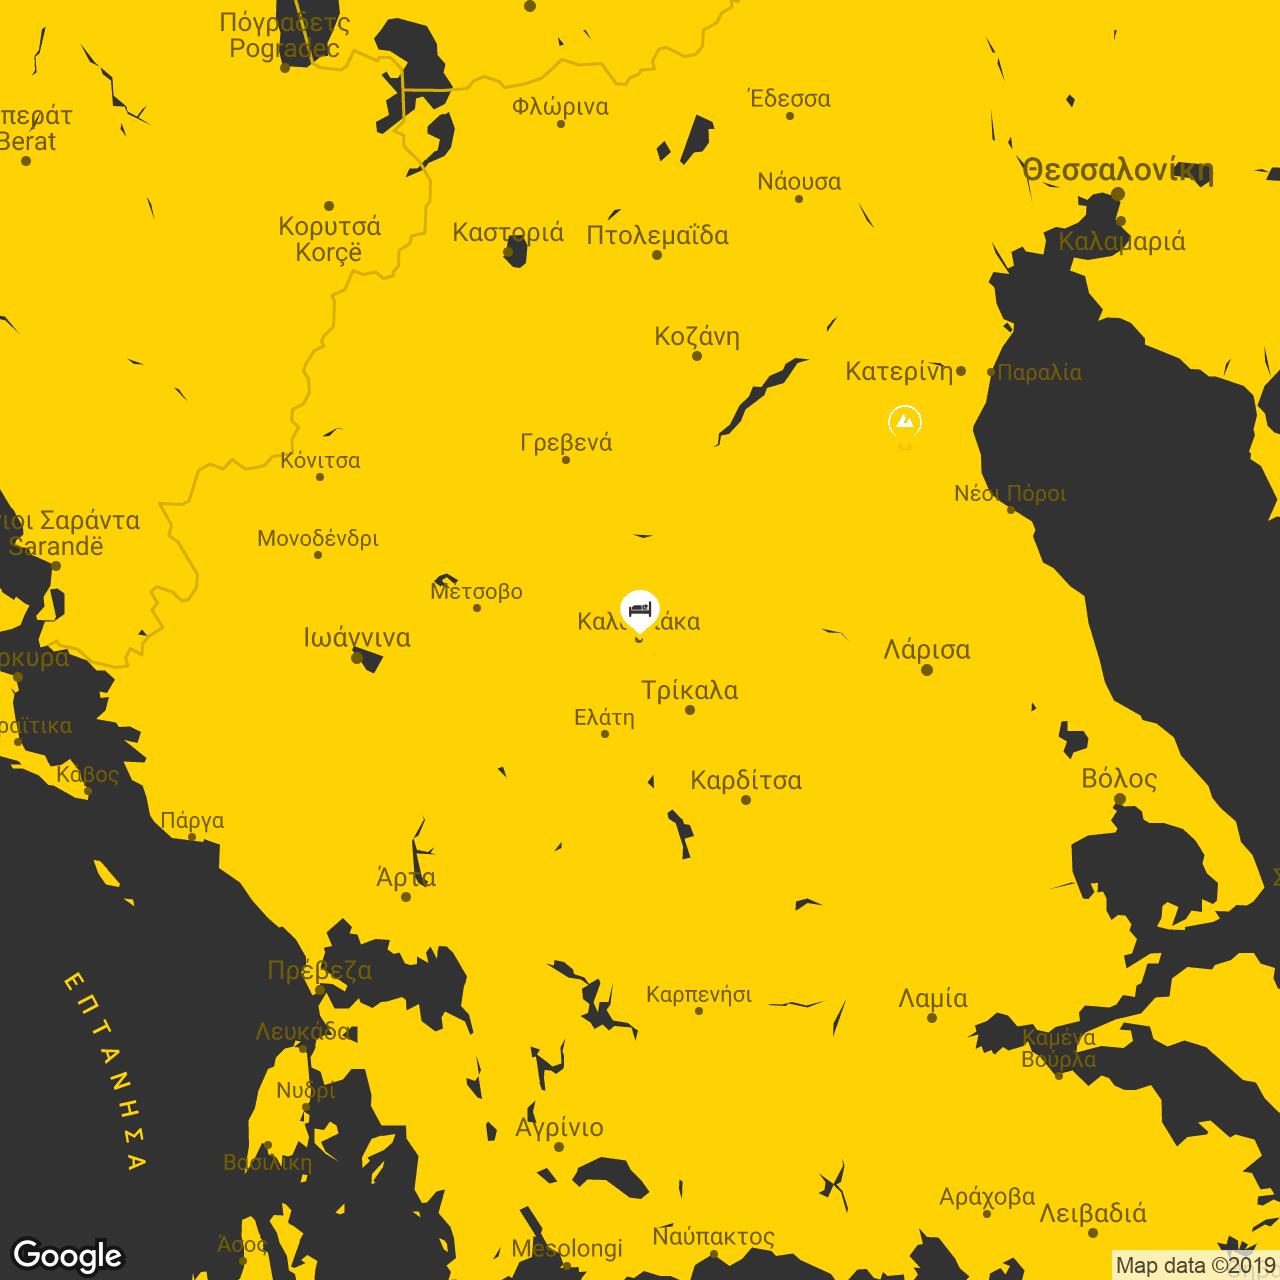 meteora map